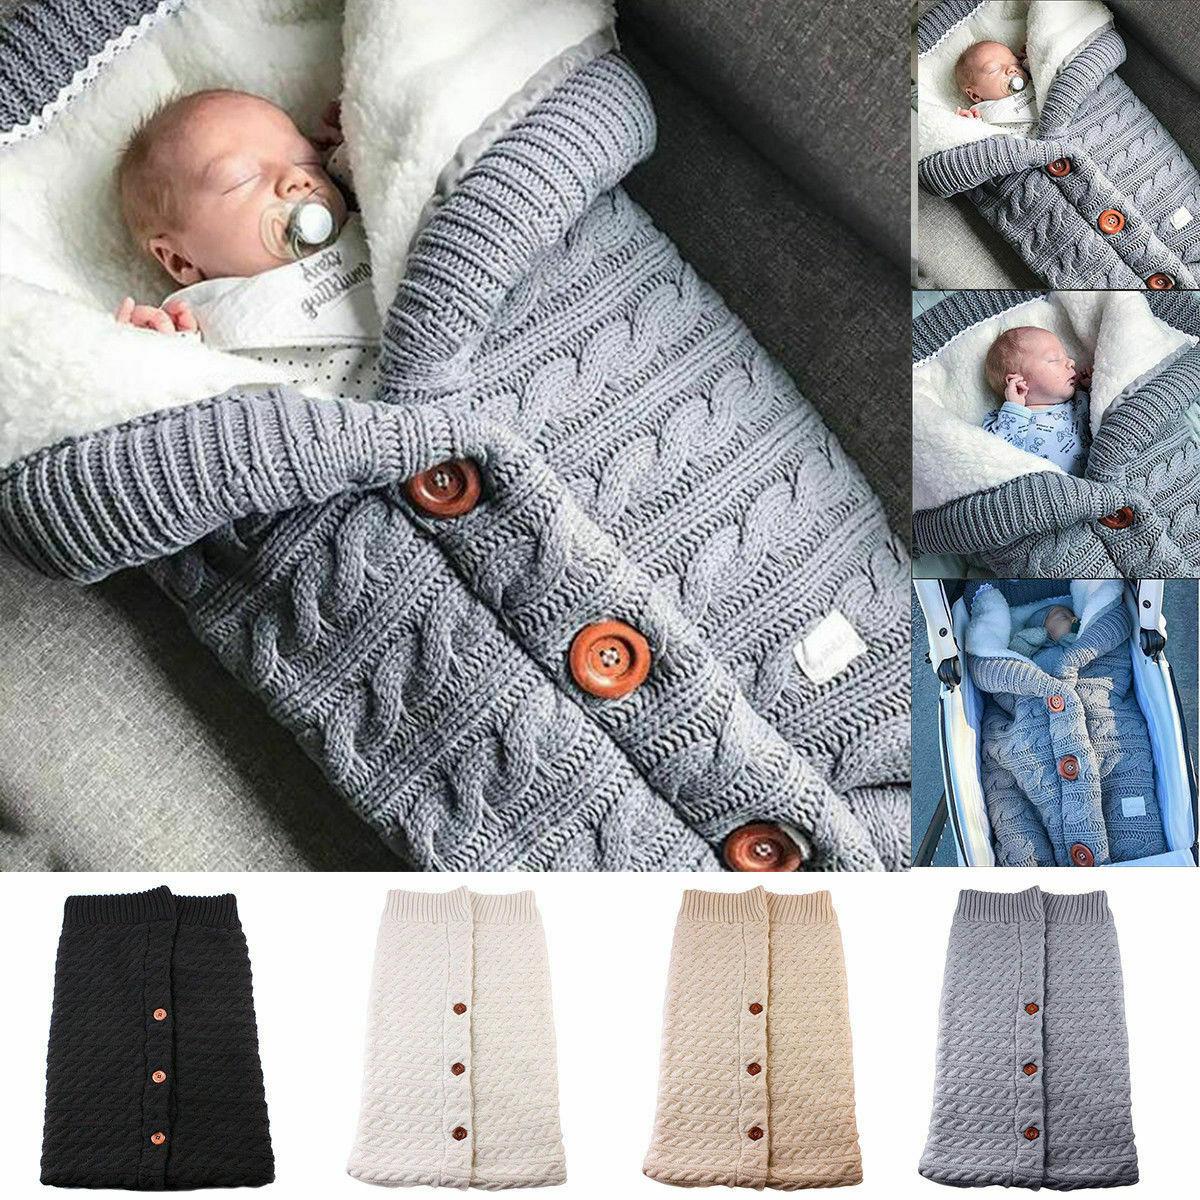 Azul manta de beb/é reci/én nacido saco de dormir c/álido de invierno para beb/és o ni/ños de 0-12 meses manta de cochecito de beb/é